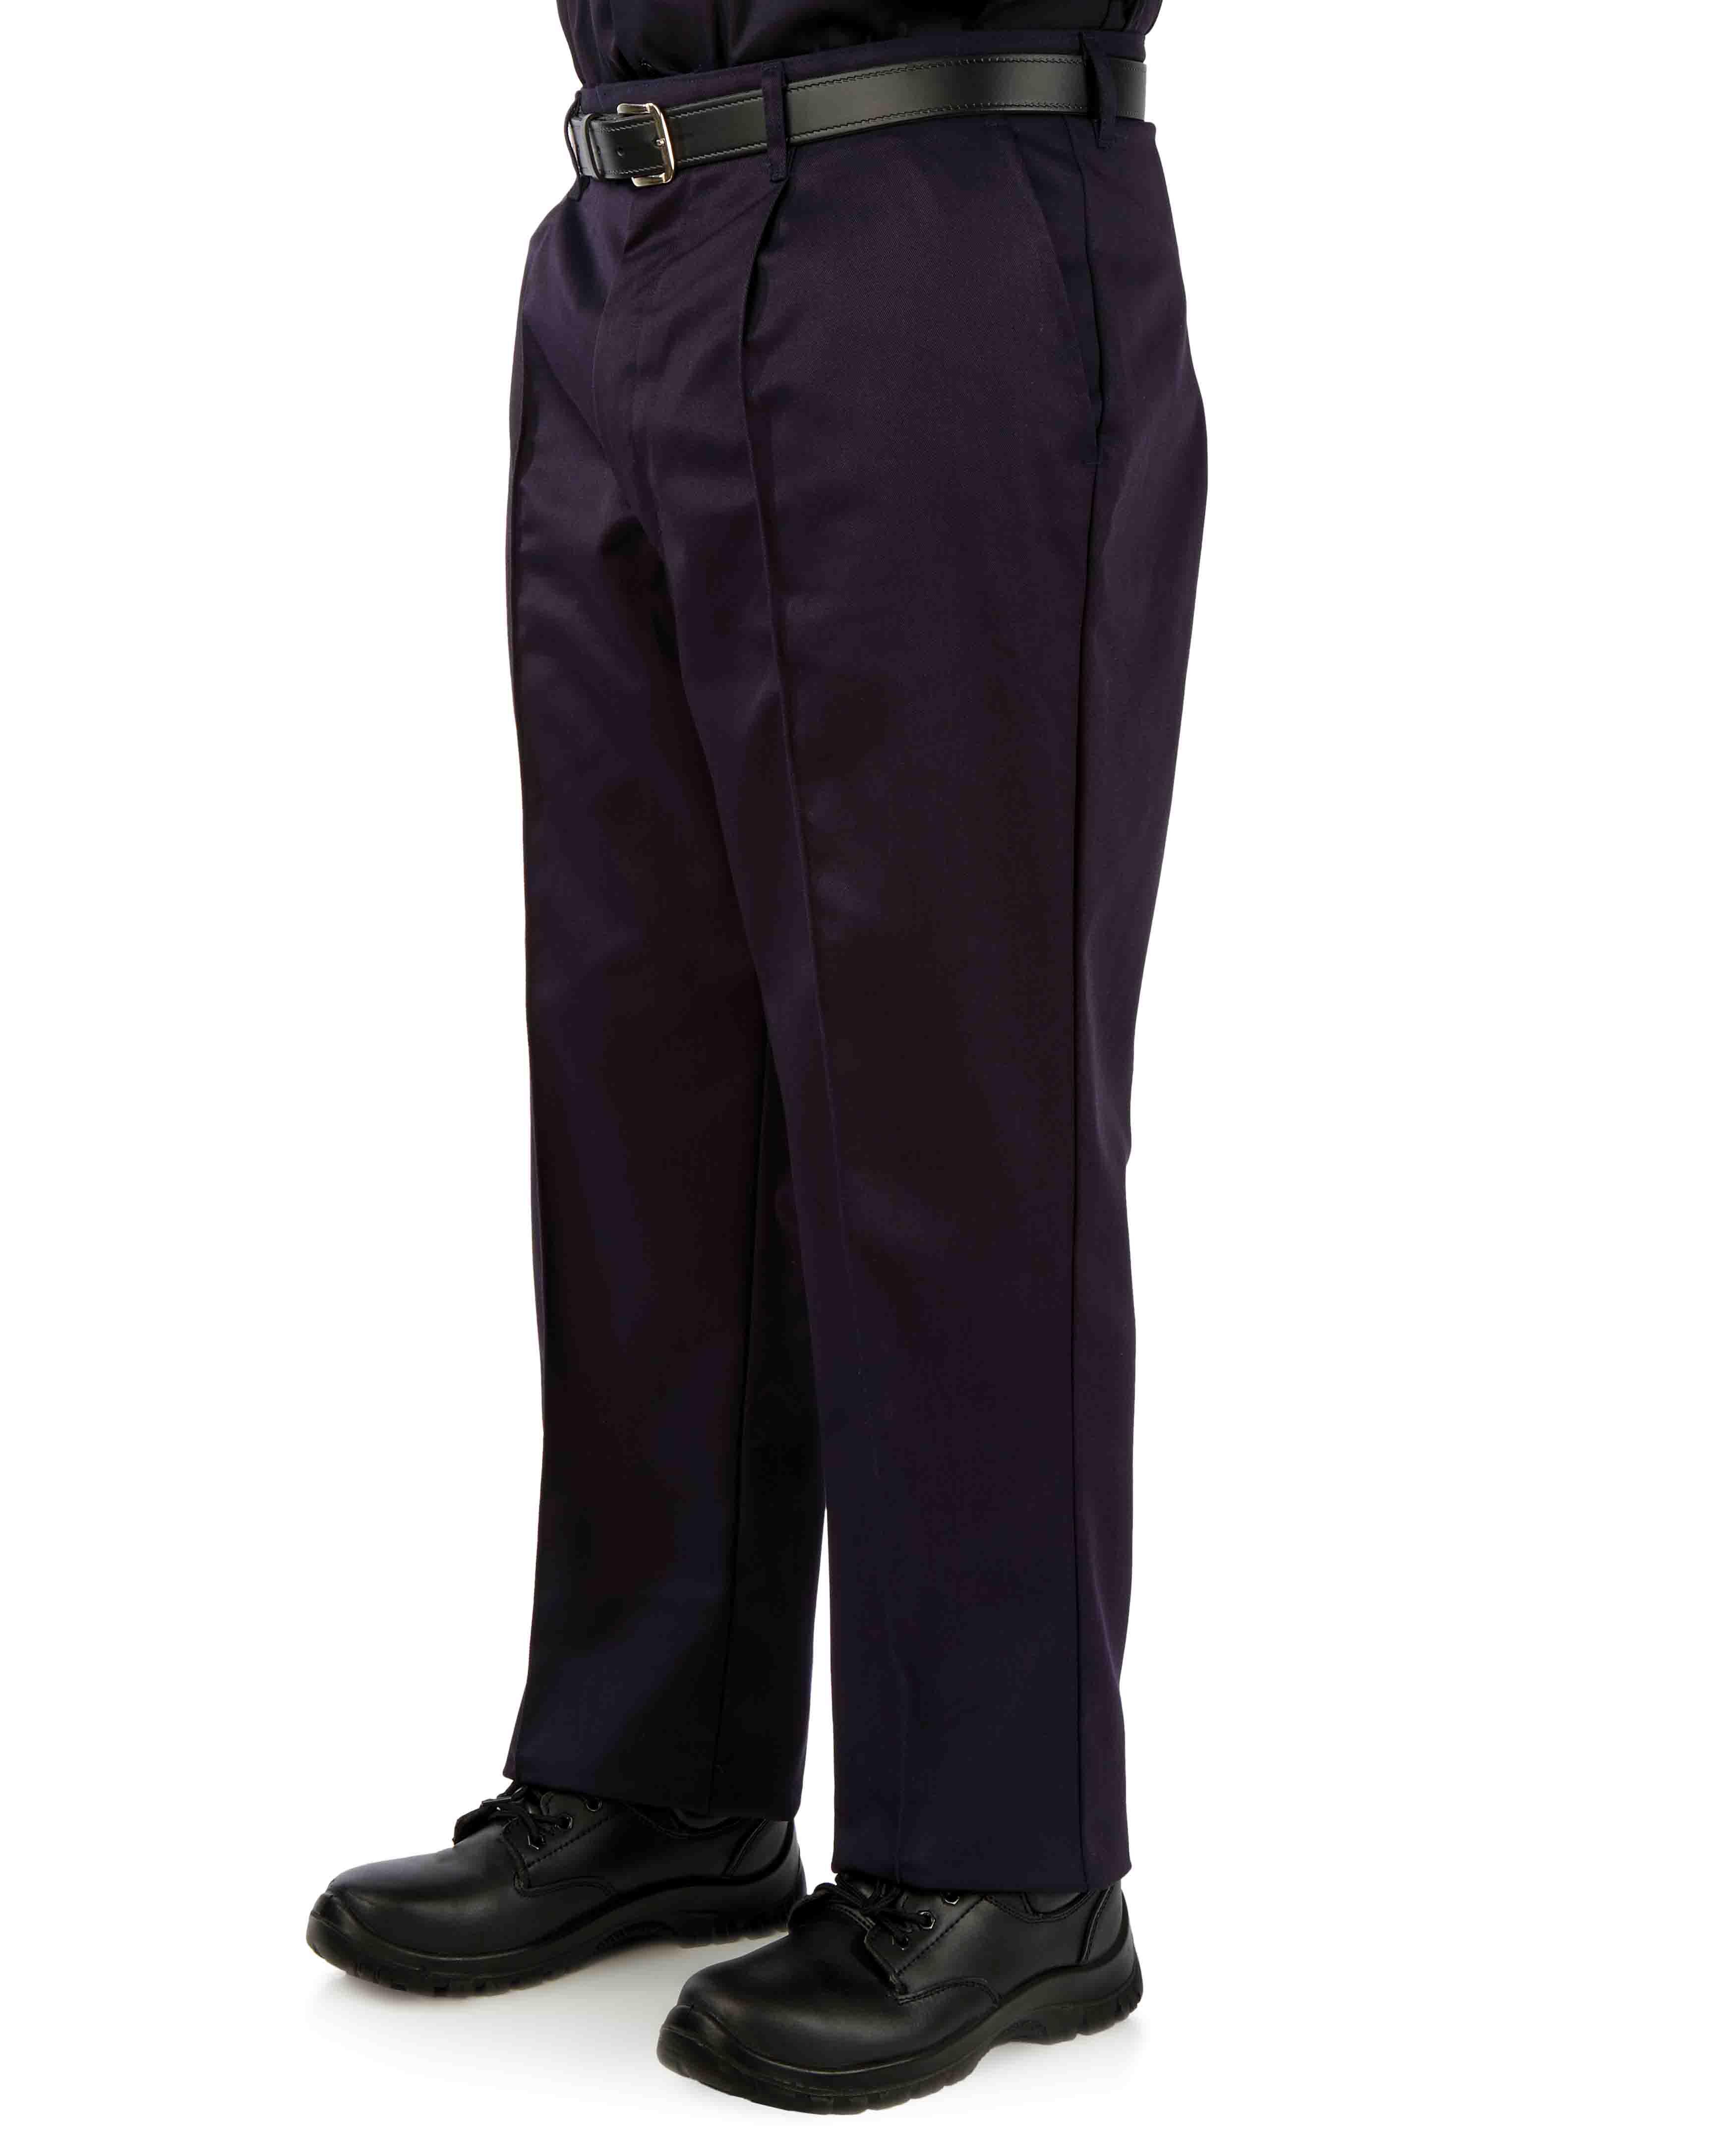 Lightweight Fire Trousers